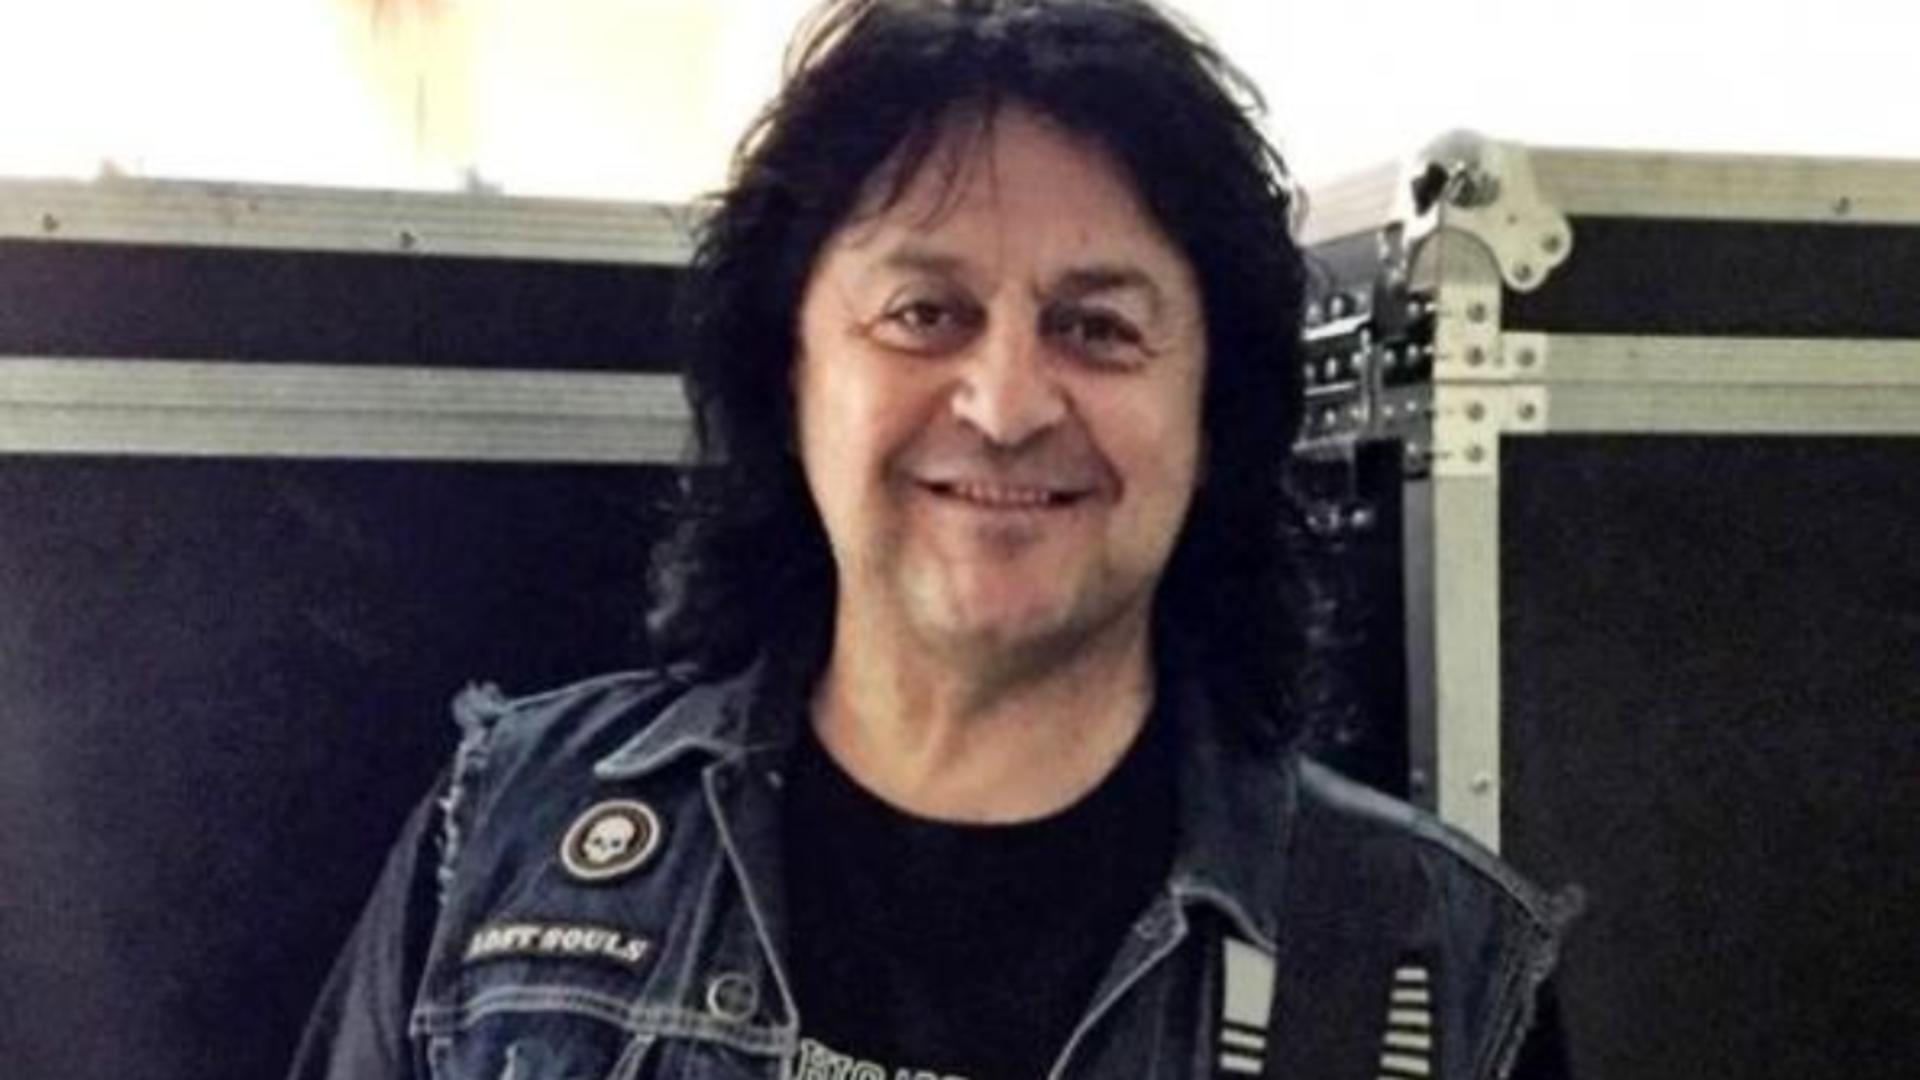 Paul Csucsi